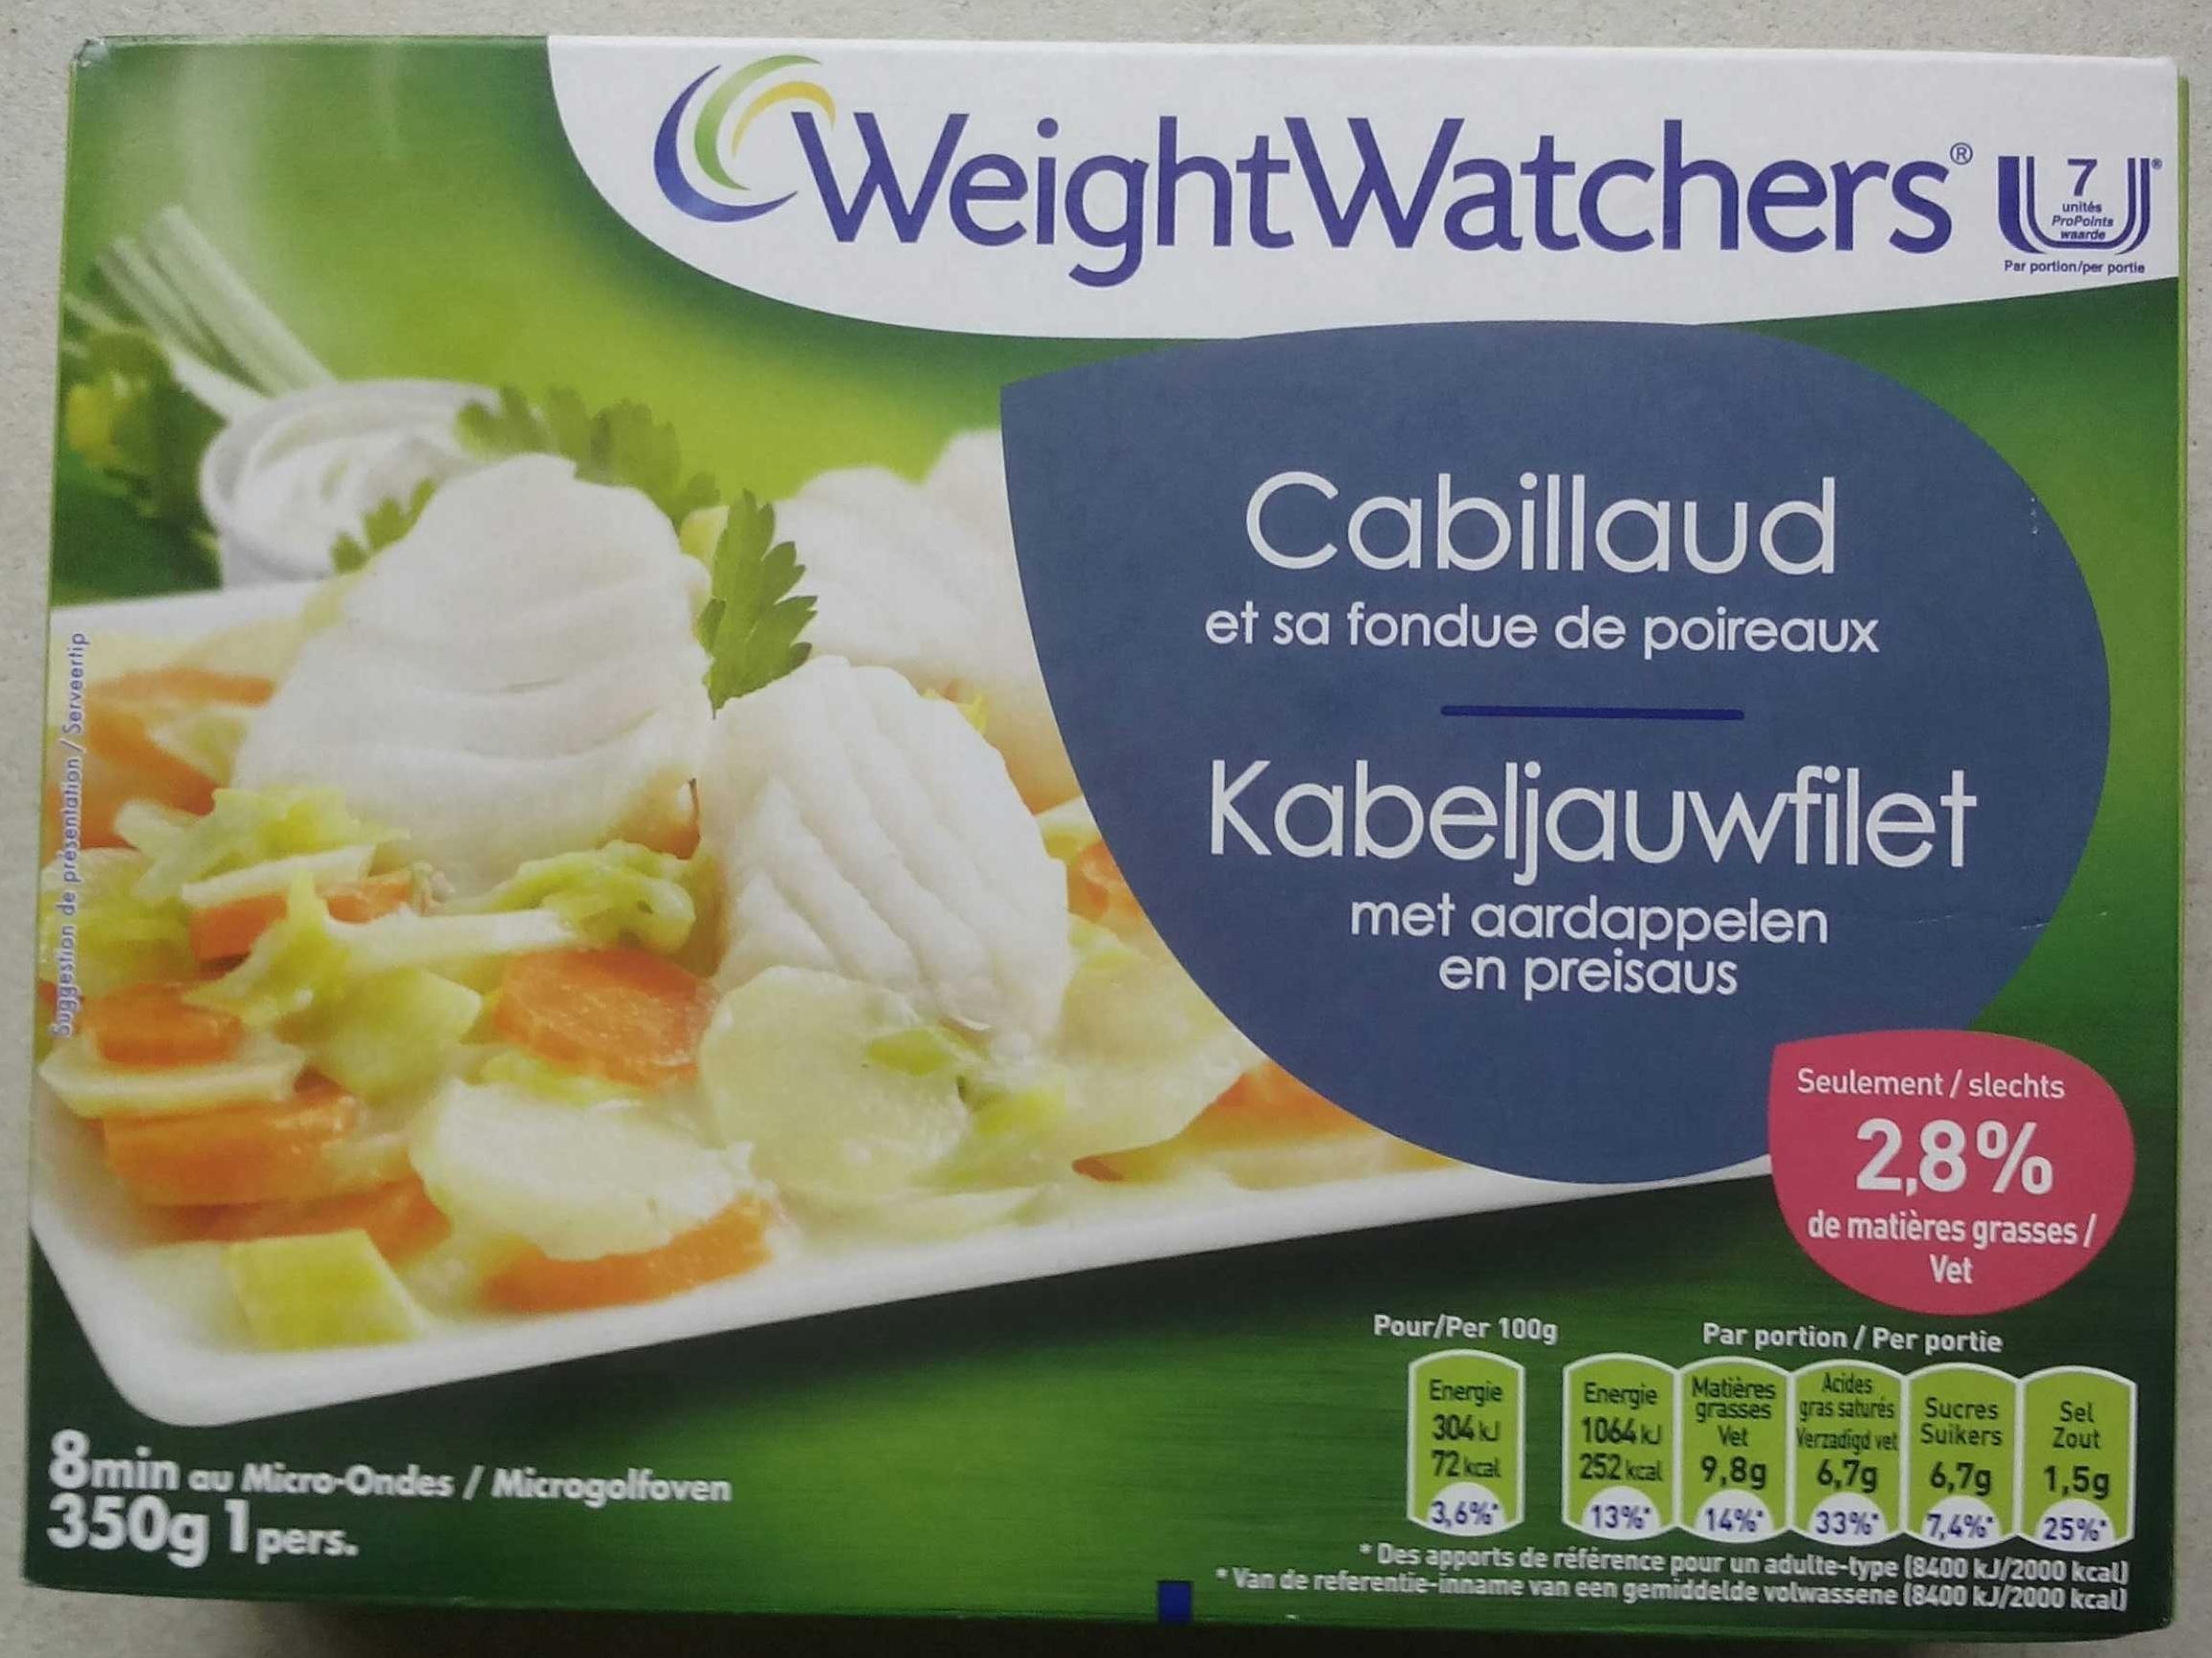 Cabillaud et sa fondue de poireaux - Product - fr